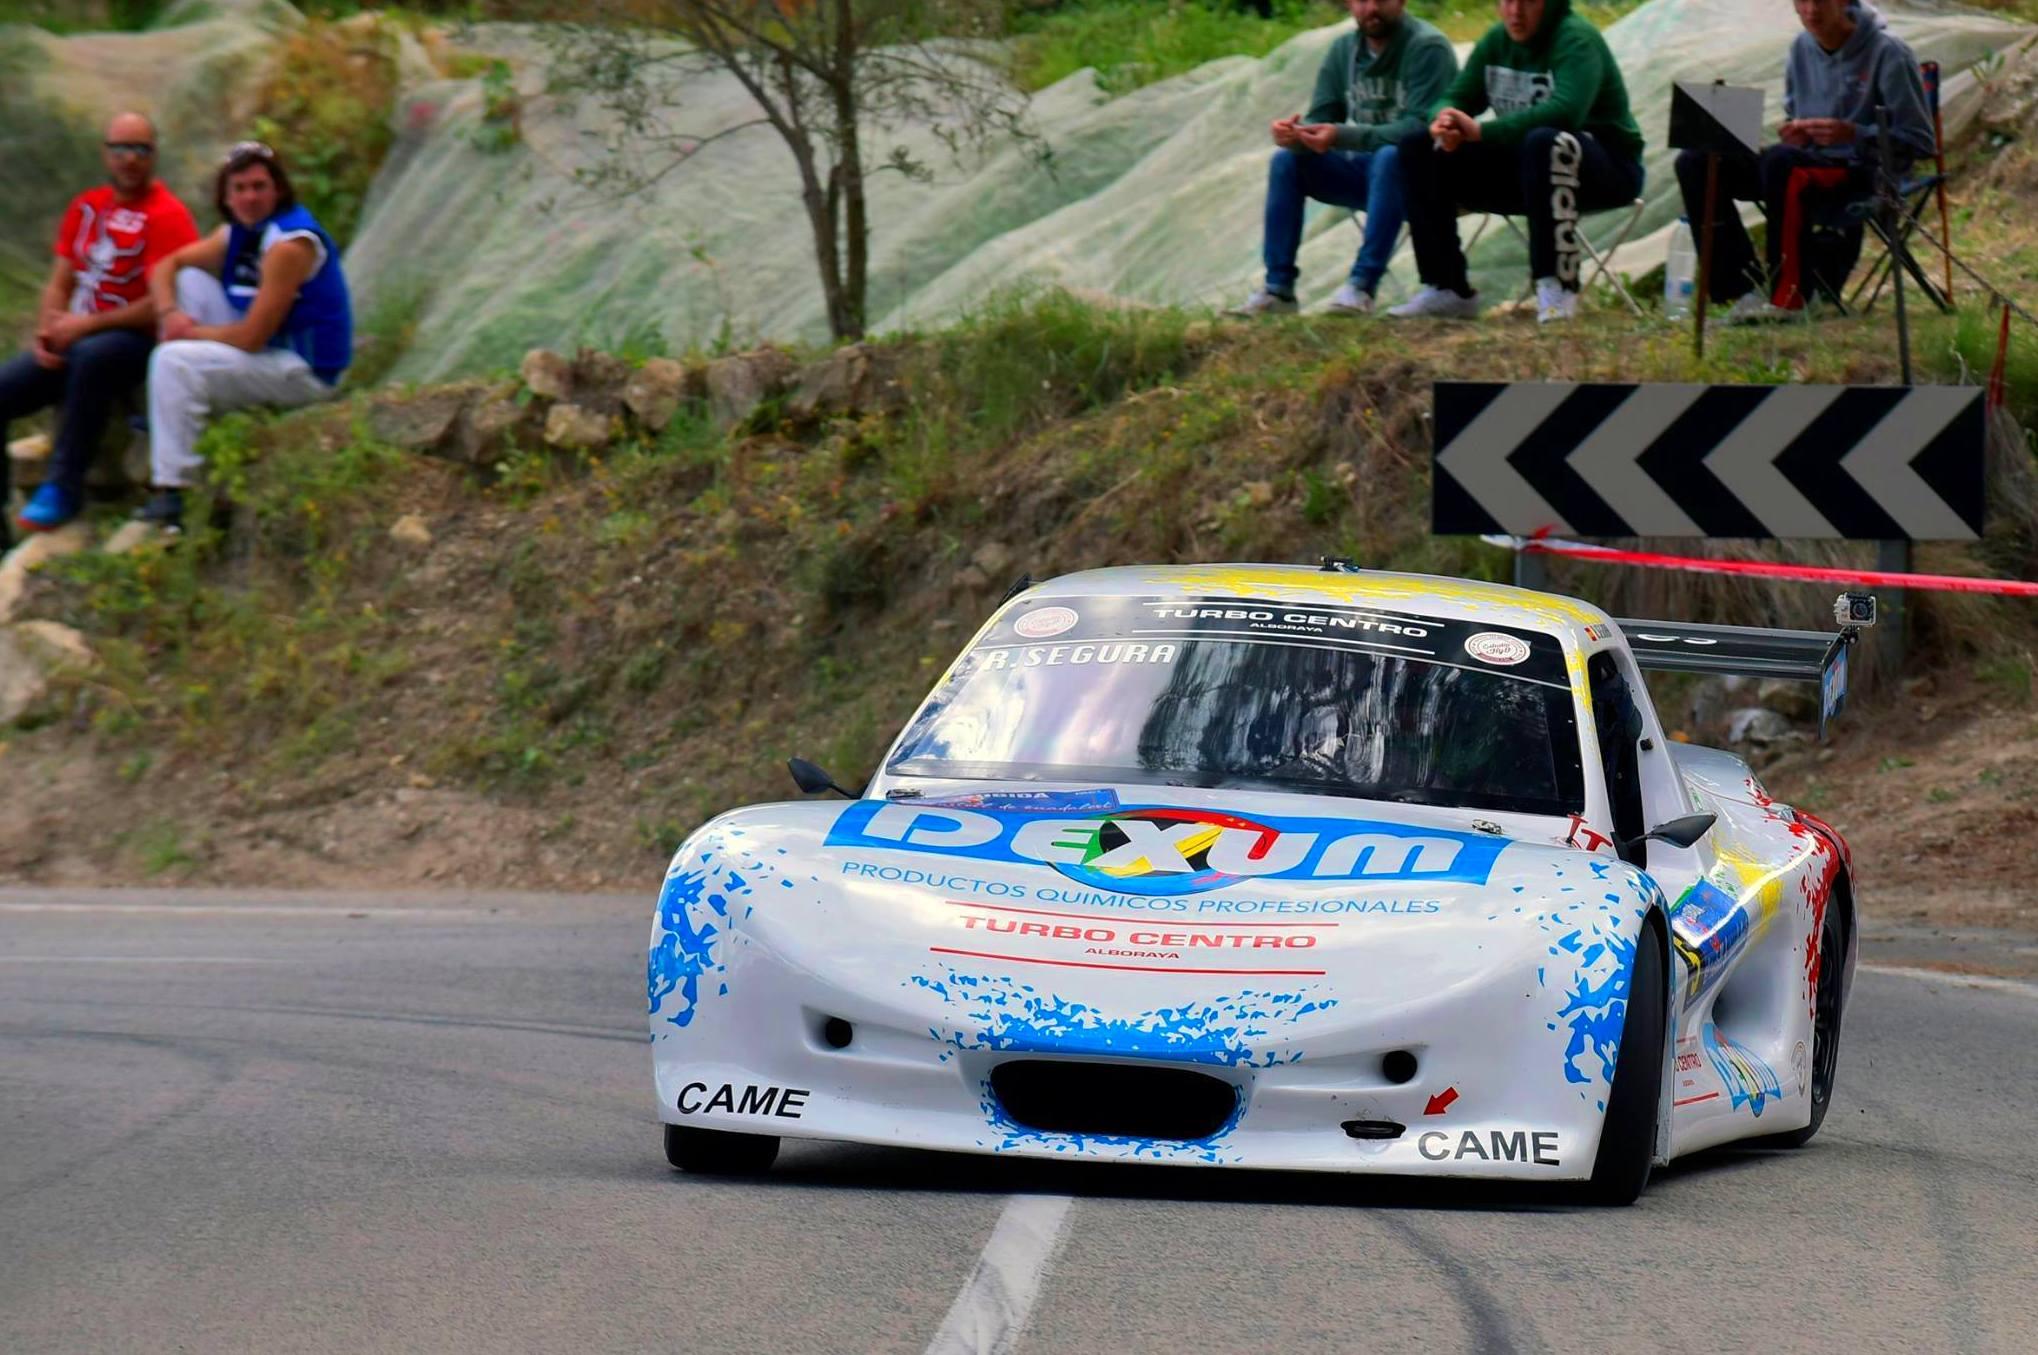 El equipo Turbo Centro Alboraya consigue el cuarto puesto en la primera carrera del campeonato.